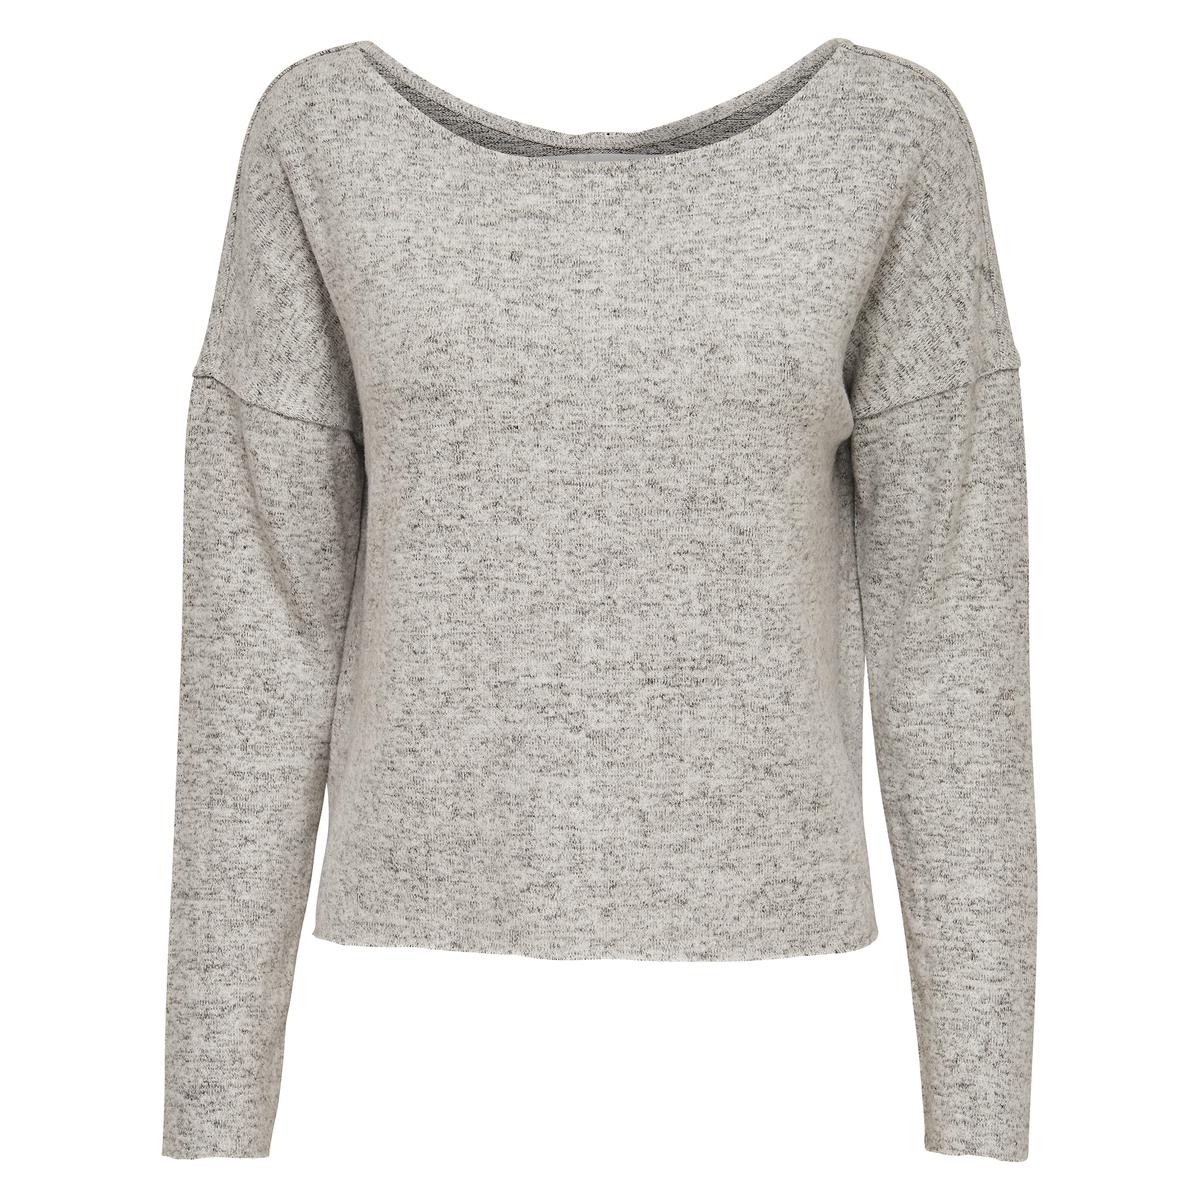 Пуловер с застежкой на пуговицы сзадиМатериал : 81% вискозы, 5% эластана, 14% полиэстера  Длина рукава : длинные рукава  Форма воротника : круглый вырез  Покрой пуловера : стандартный  Рисунок : однотонная модель<br><br>Цвет: светло-серый меланж<br>Размер: L